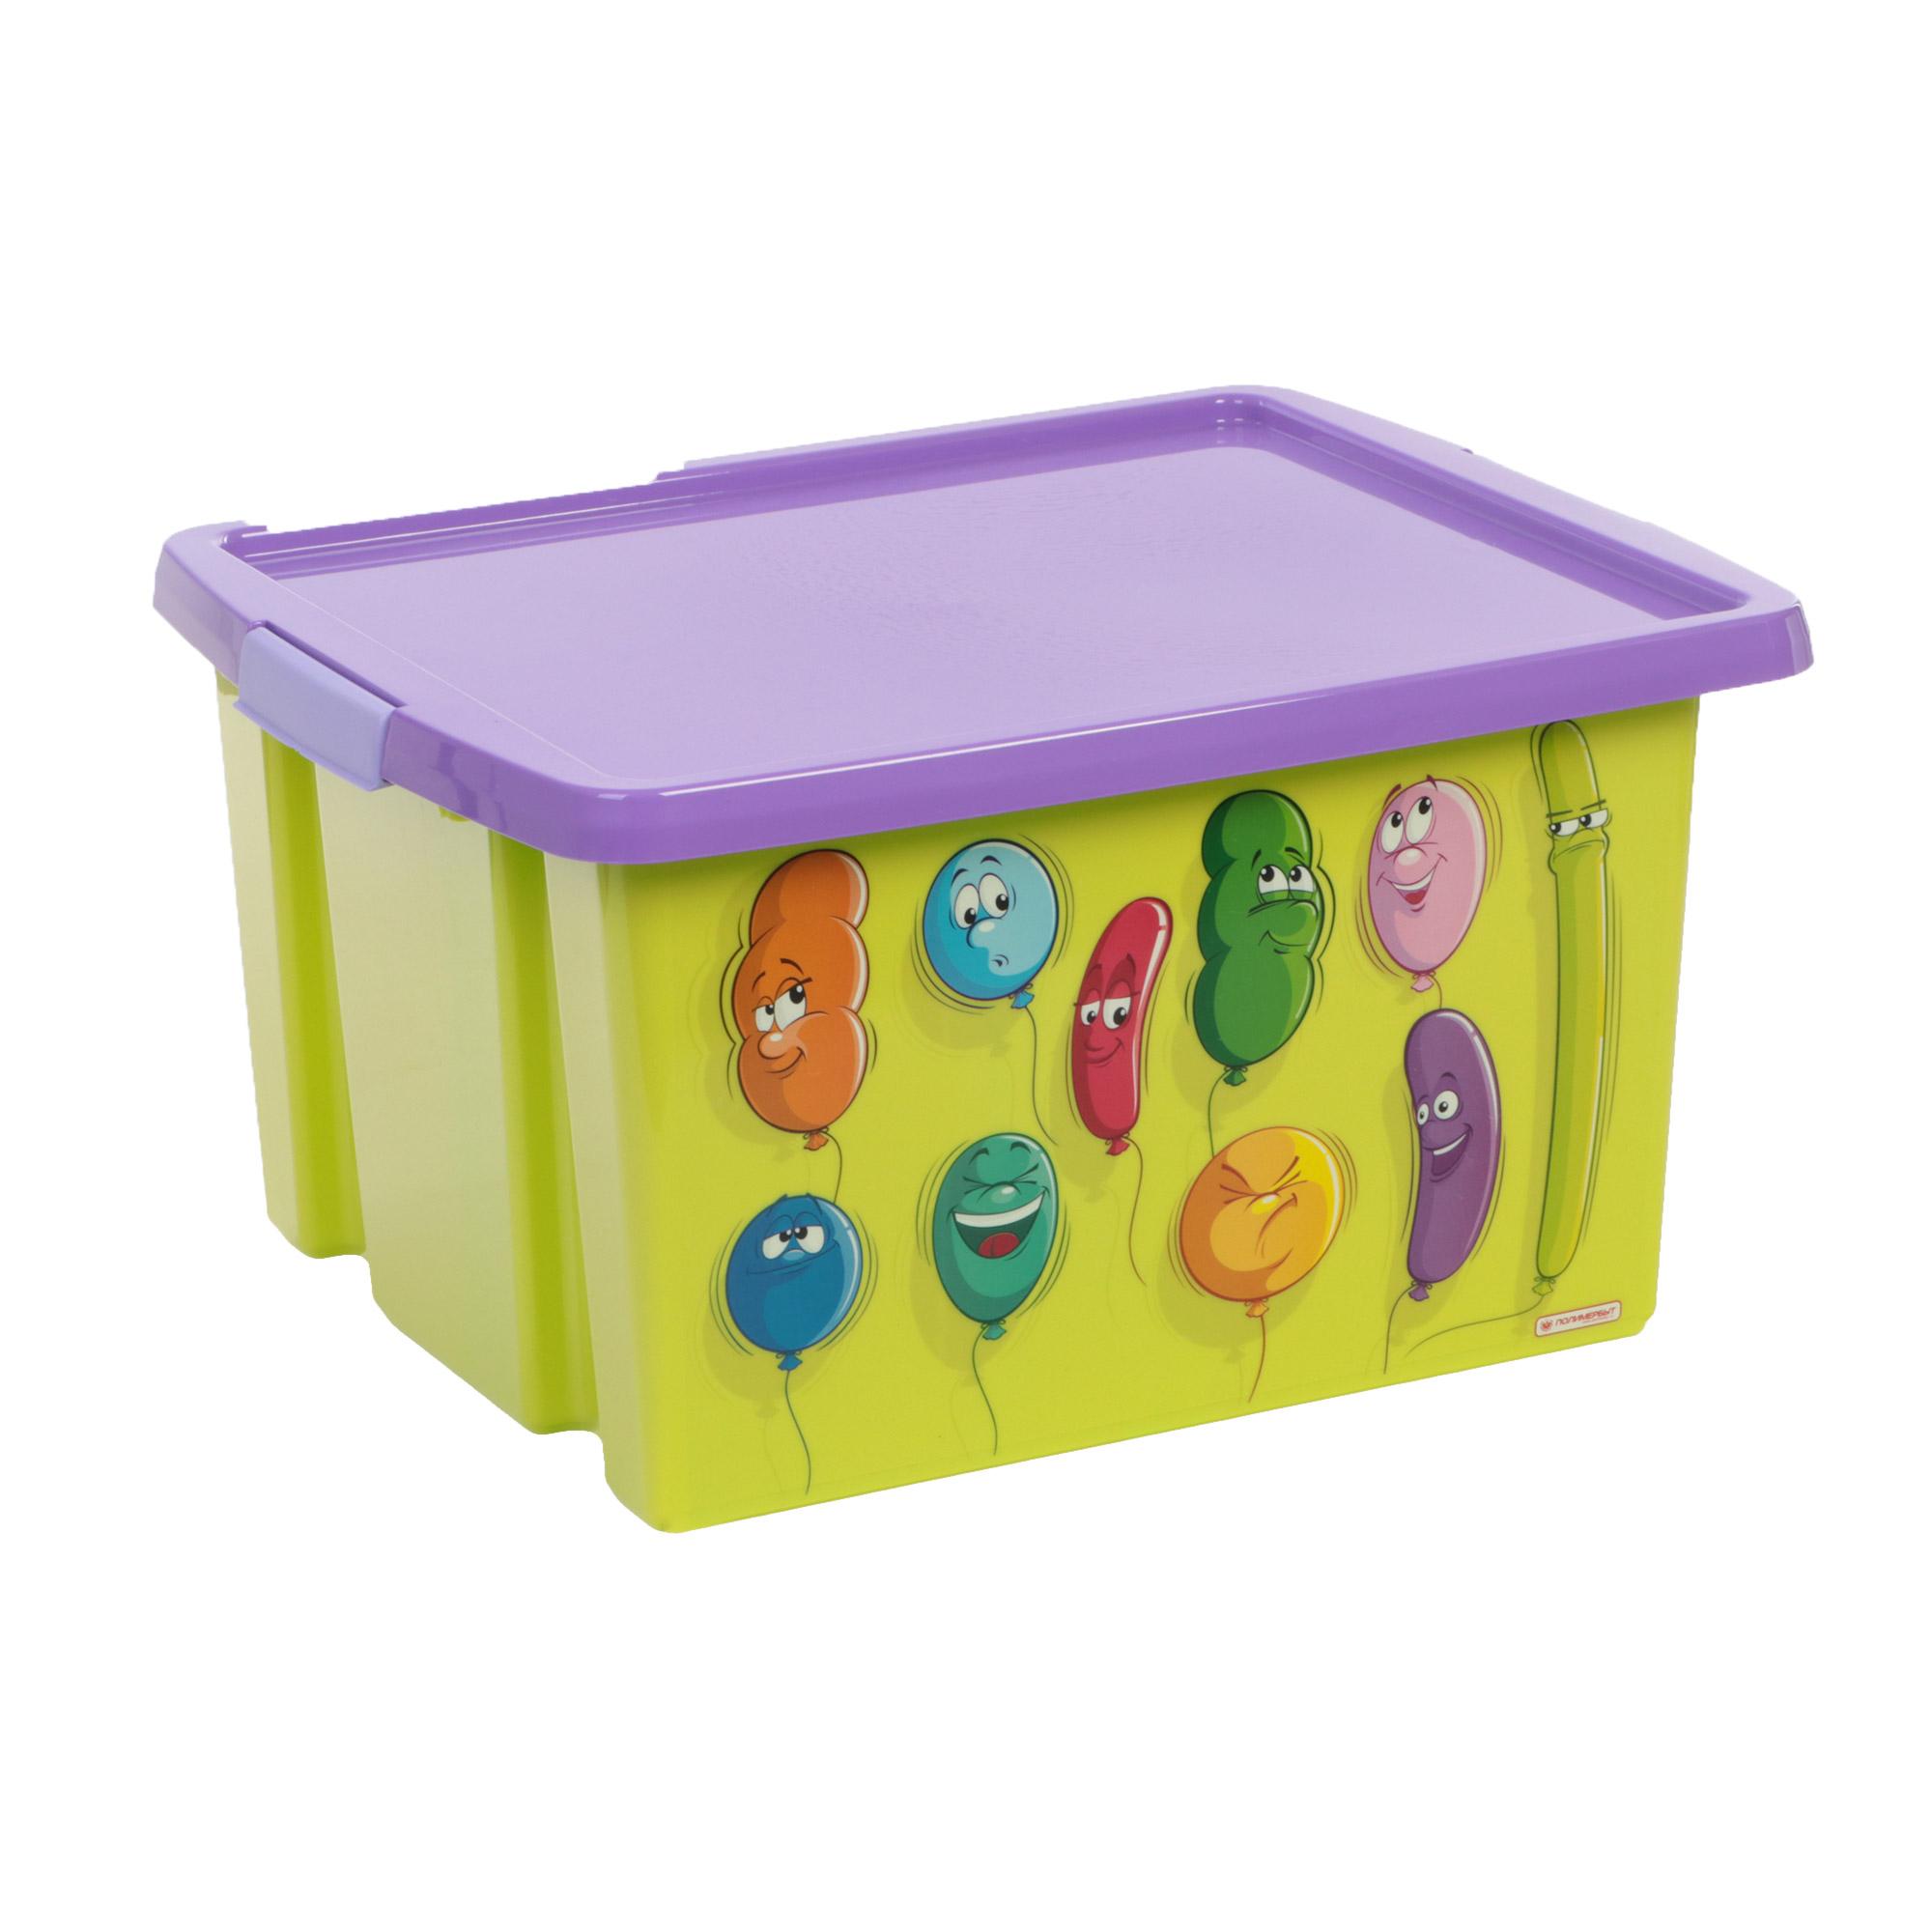 Ящик для игрушек с рисунком 30л Полимербыт ящик для игрушек полимербыт как приручить дракона 71747 16 л 37х26х20 7 см